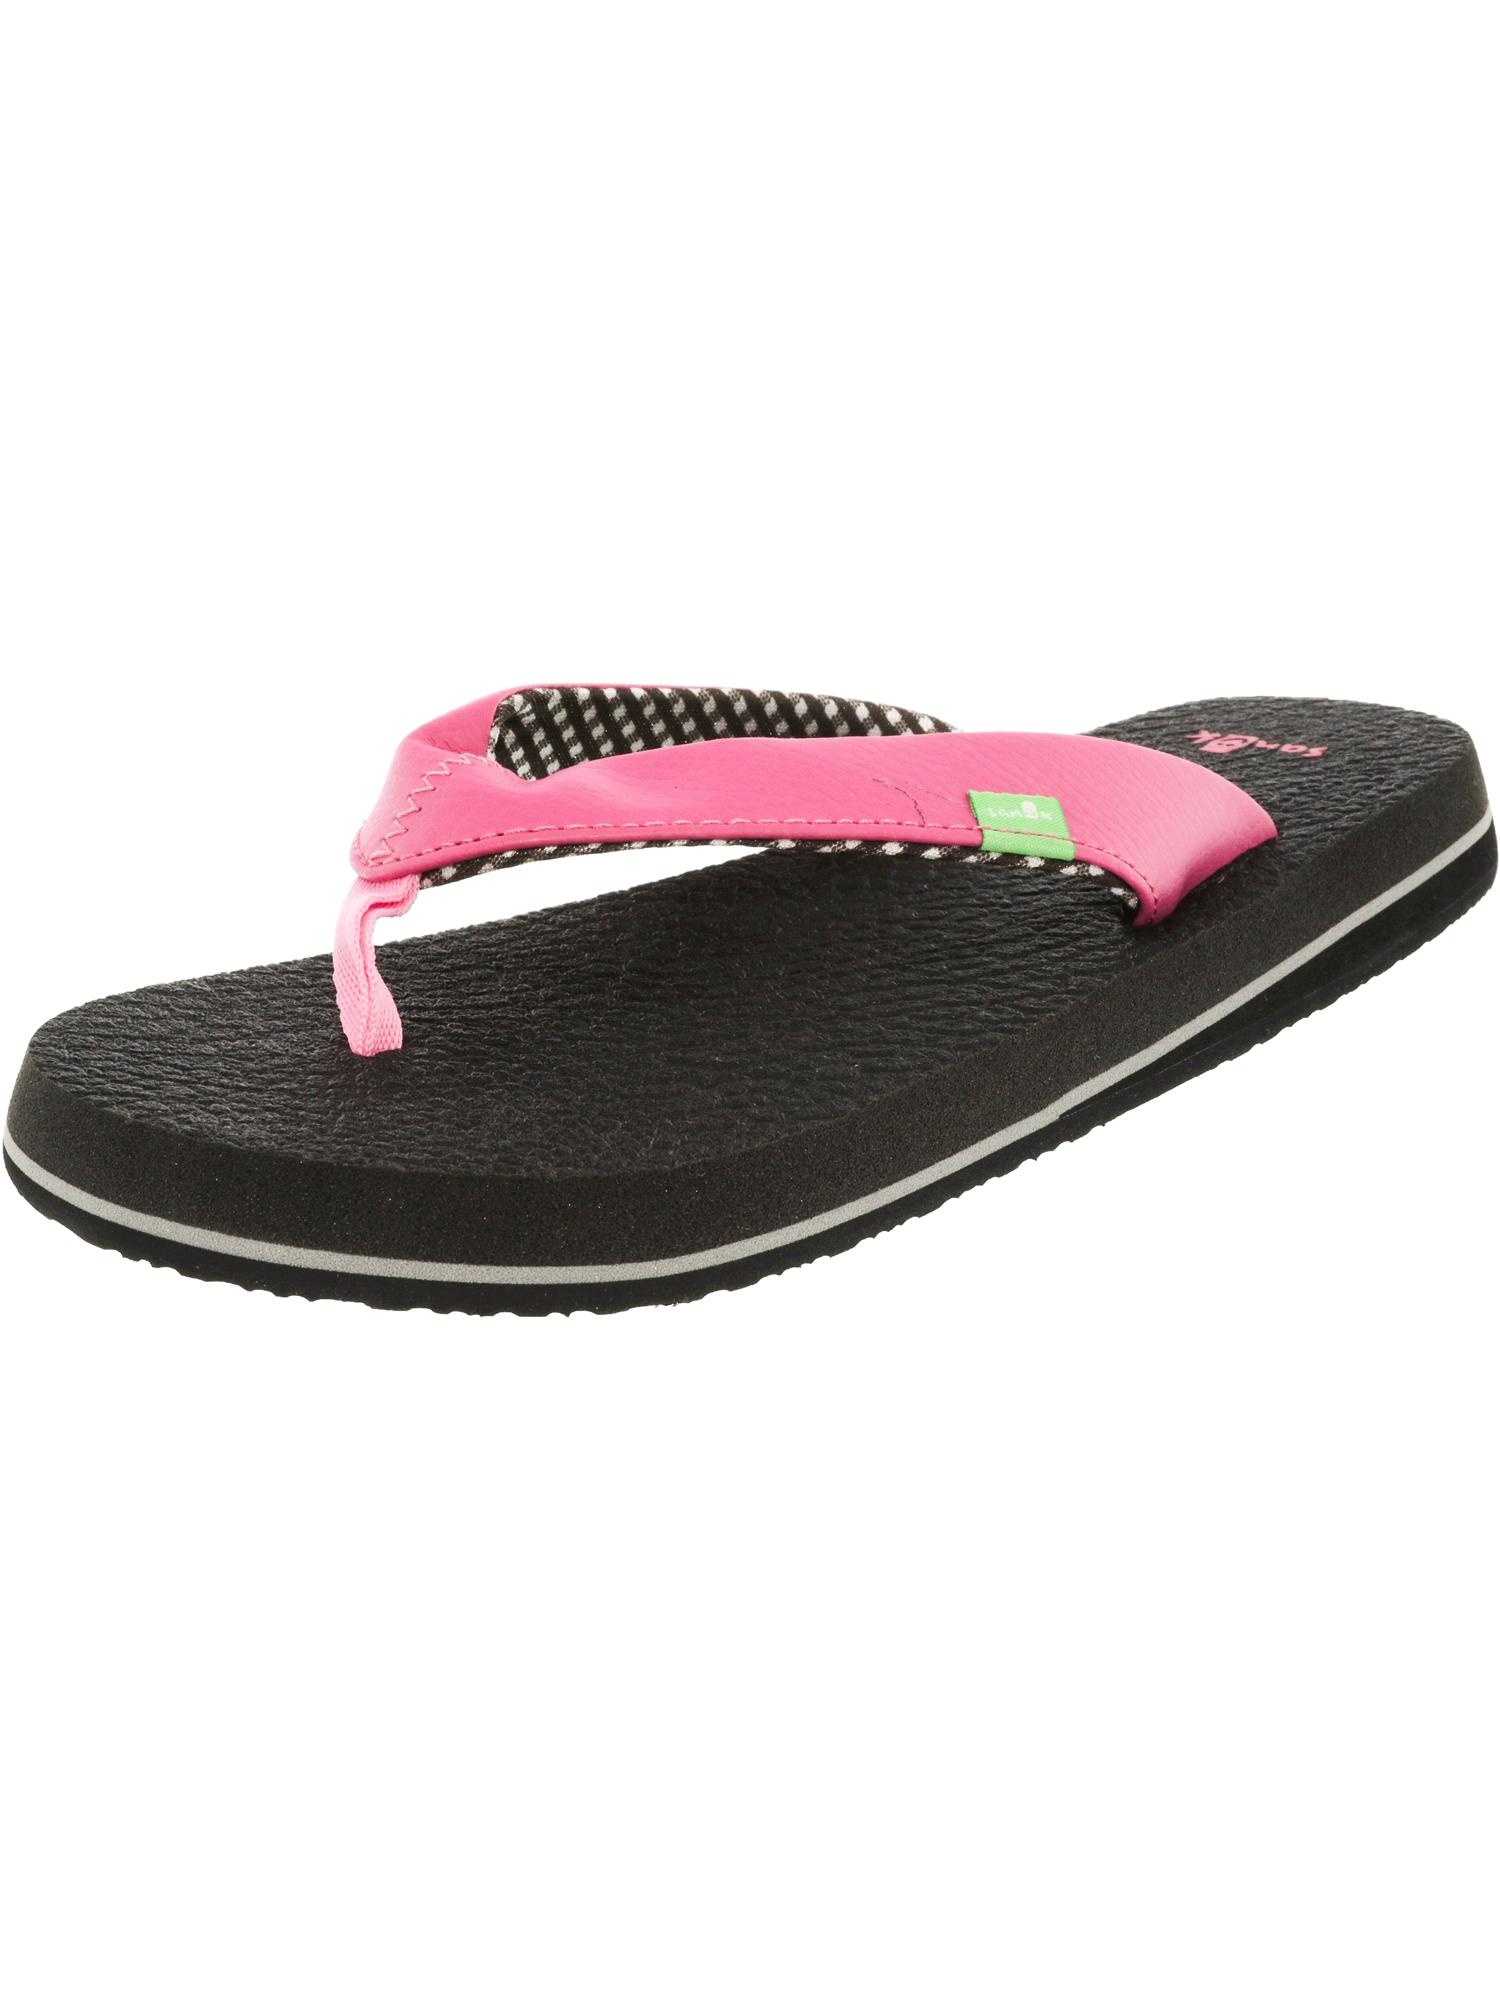 Sanuk Women's Yoga Mat Pink Sandal - 8M